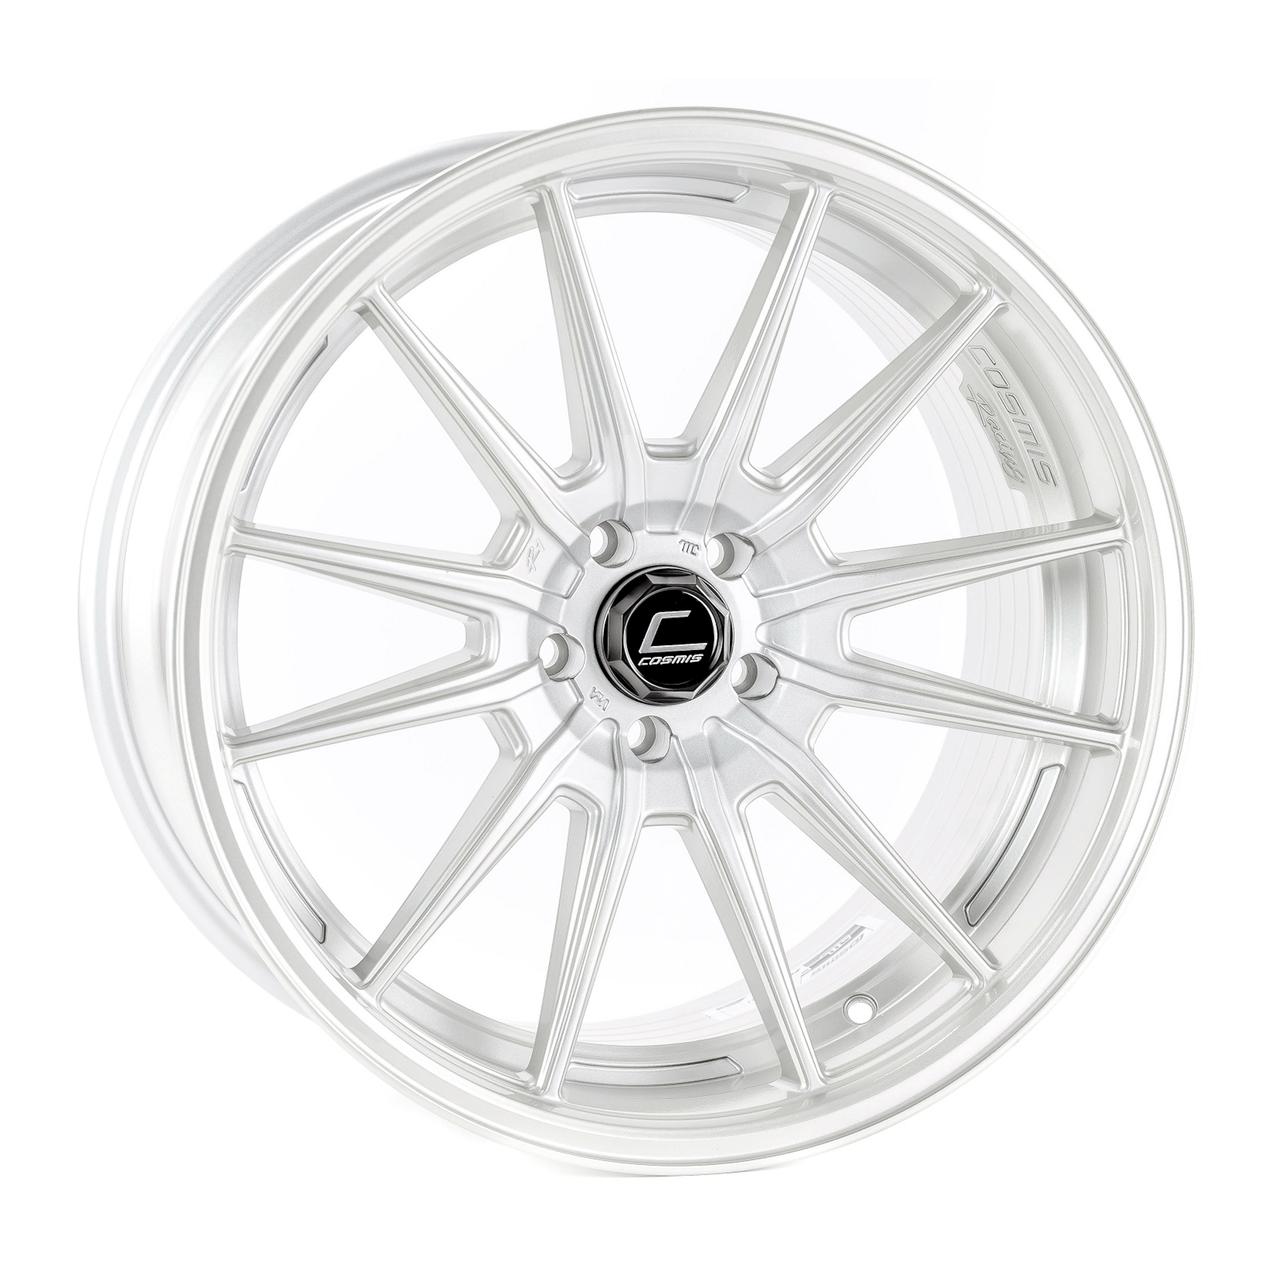 Silver Cosmis R1 Pro Wheel